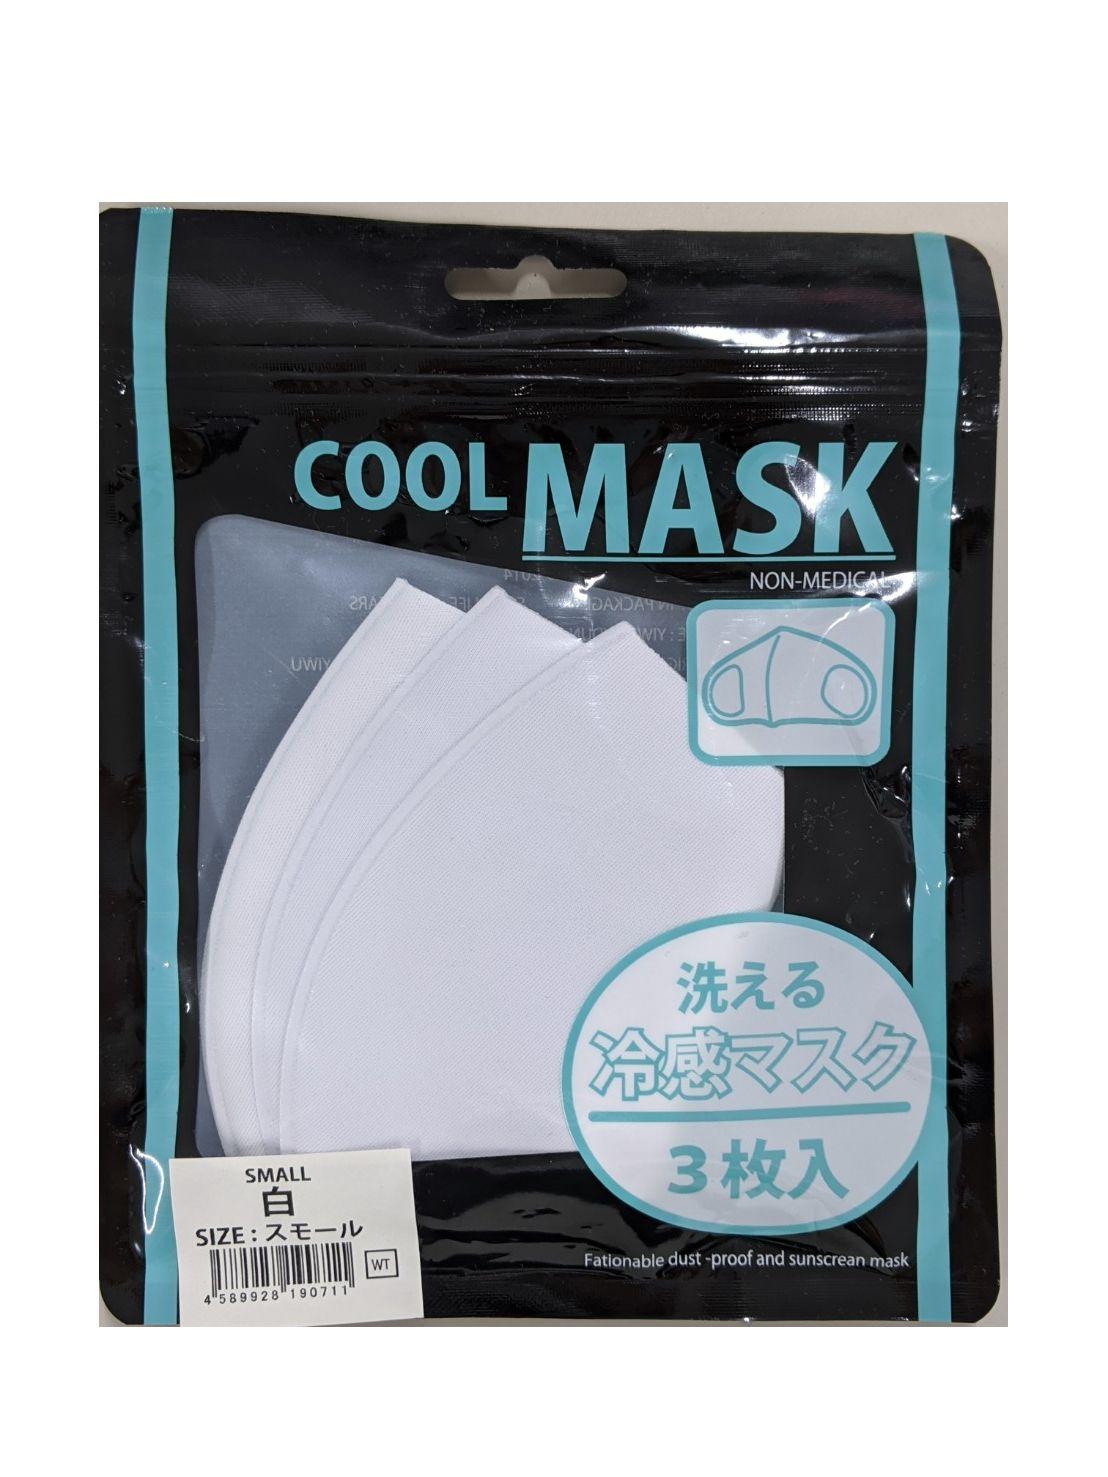 と マスク は 用 医療 非